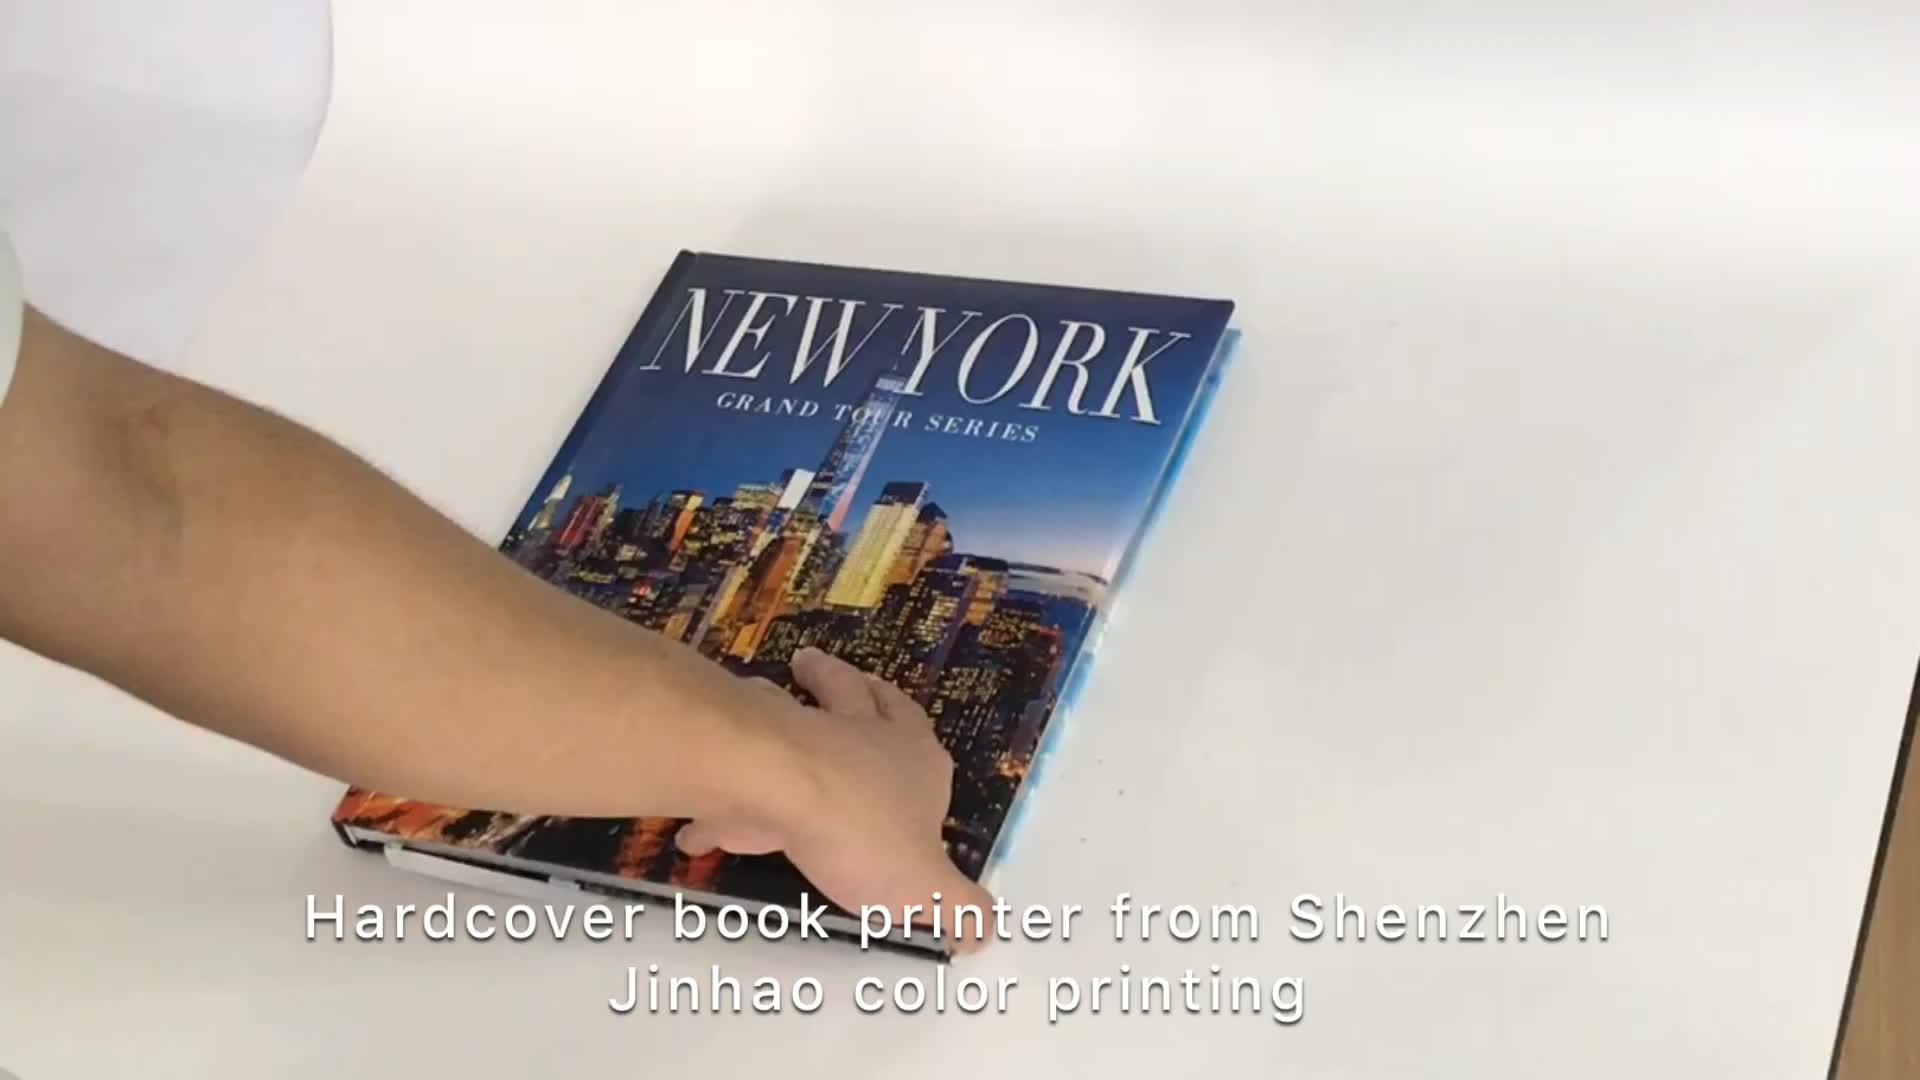 A4 เต็มรูปแบบสีแบบพกพาโรงงานราคาคุณภาพสูงแฟชั่นนิตยสารการพิมพ์